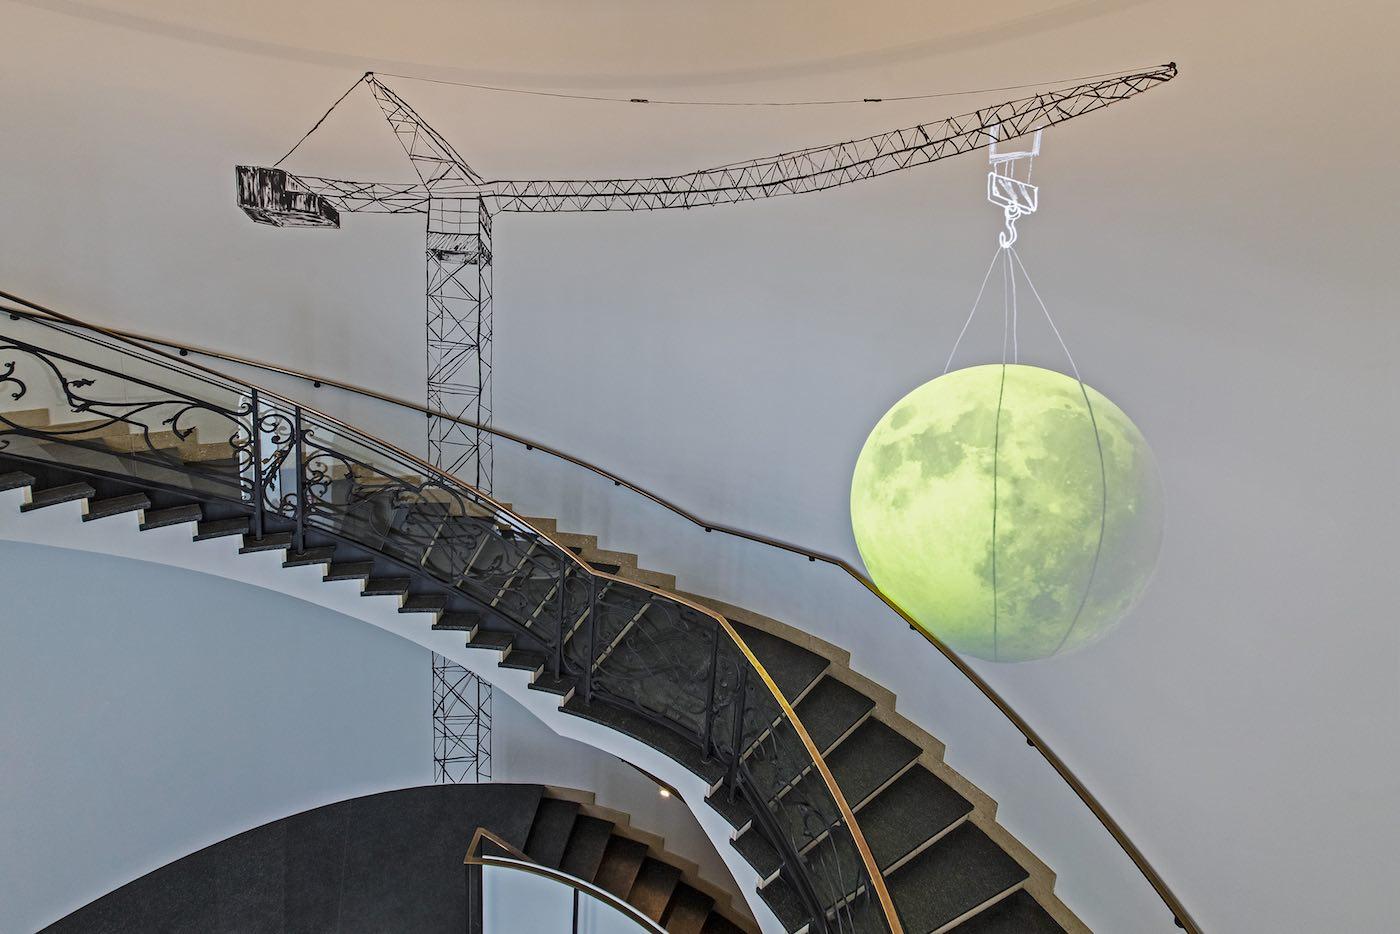 Familie in Berlin: Das PalaisPopulaire bietet Vermittlungsprogramm durch seine Ausstellung // HIMBEER